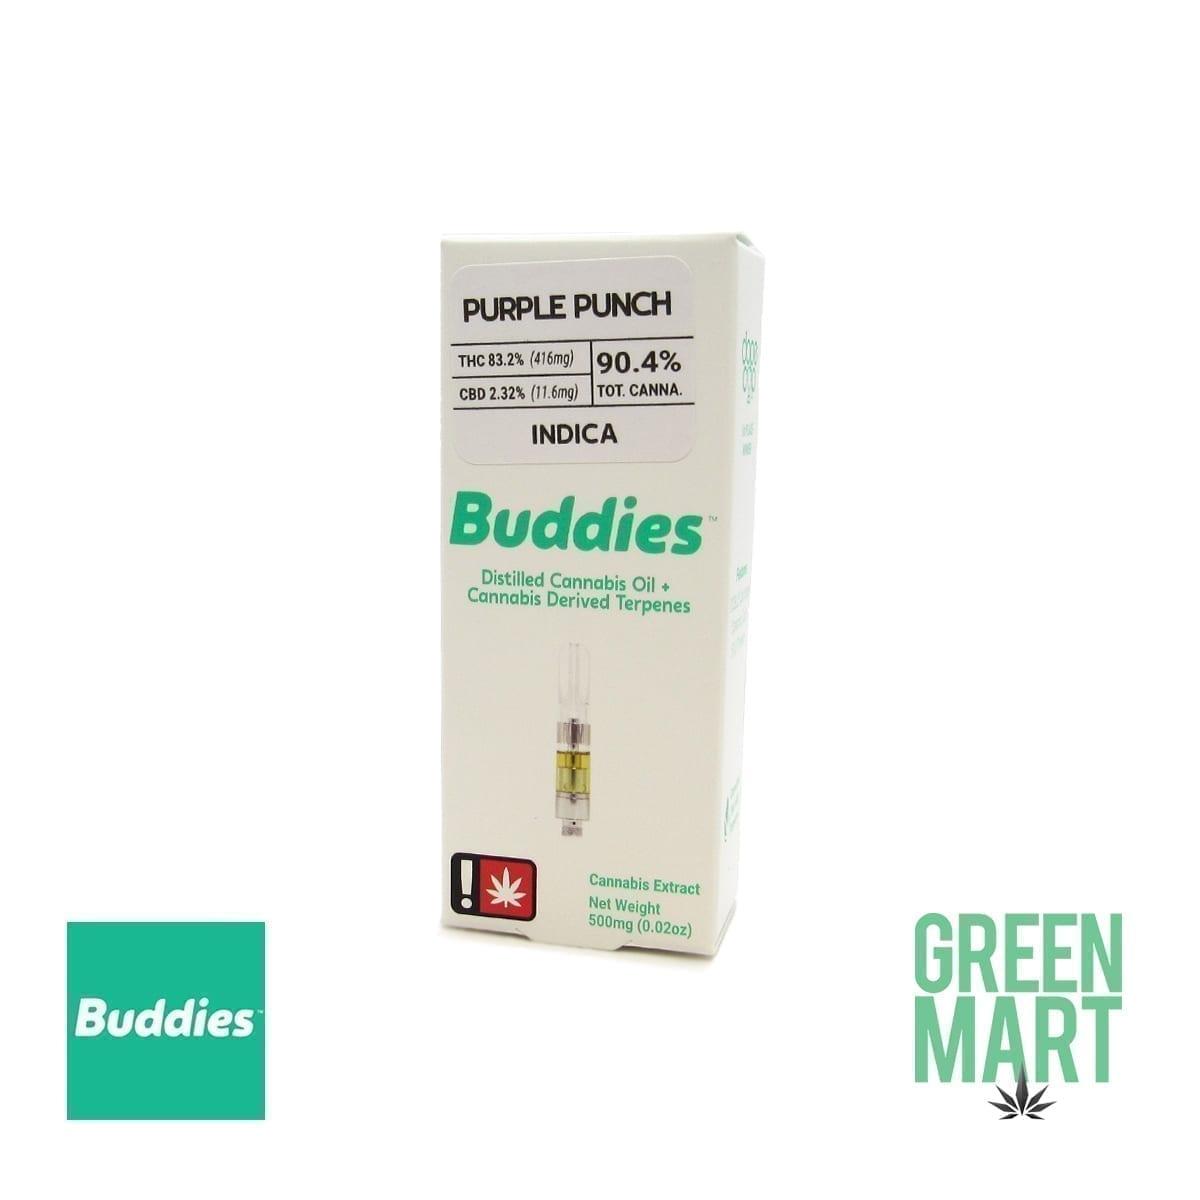 Buddies Brand Distillate Cartridge - Purple Punch